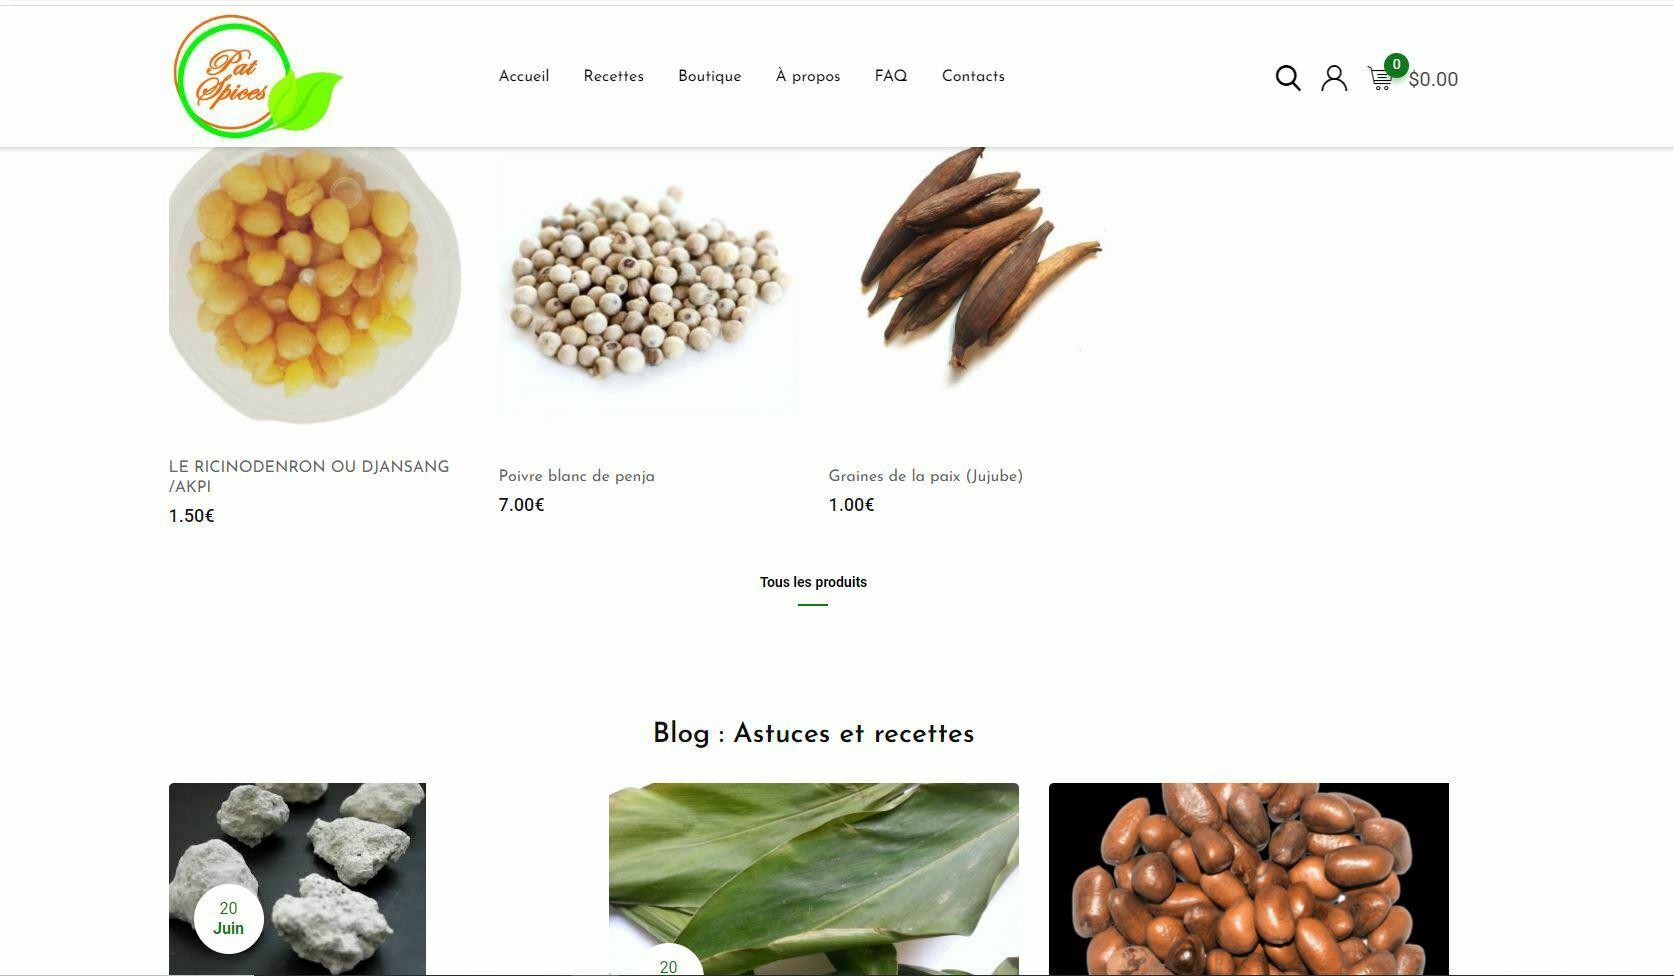 Creation de site internet association patspices effectué par Didacweb